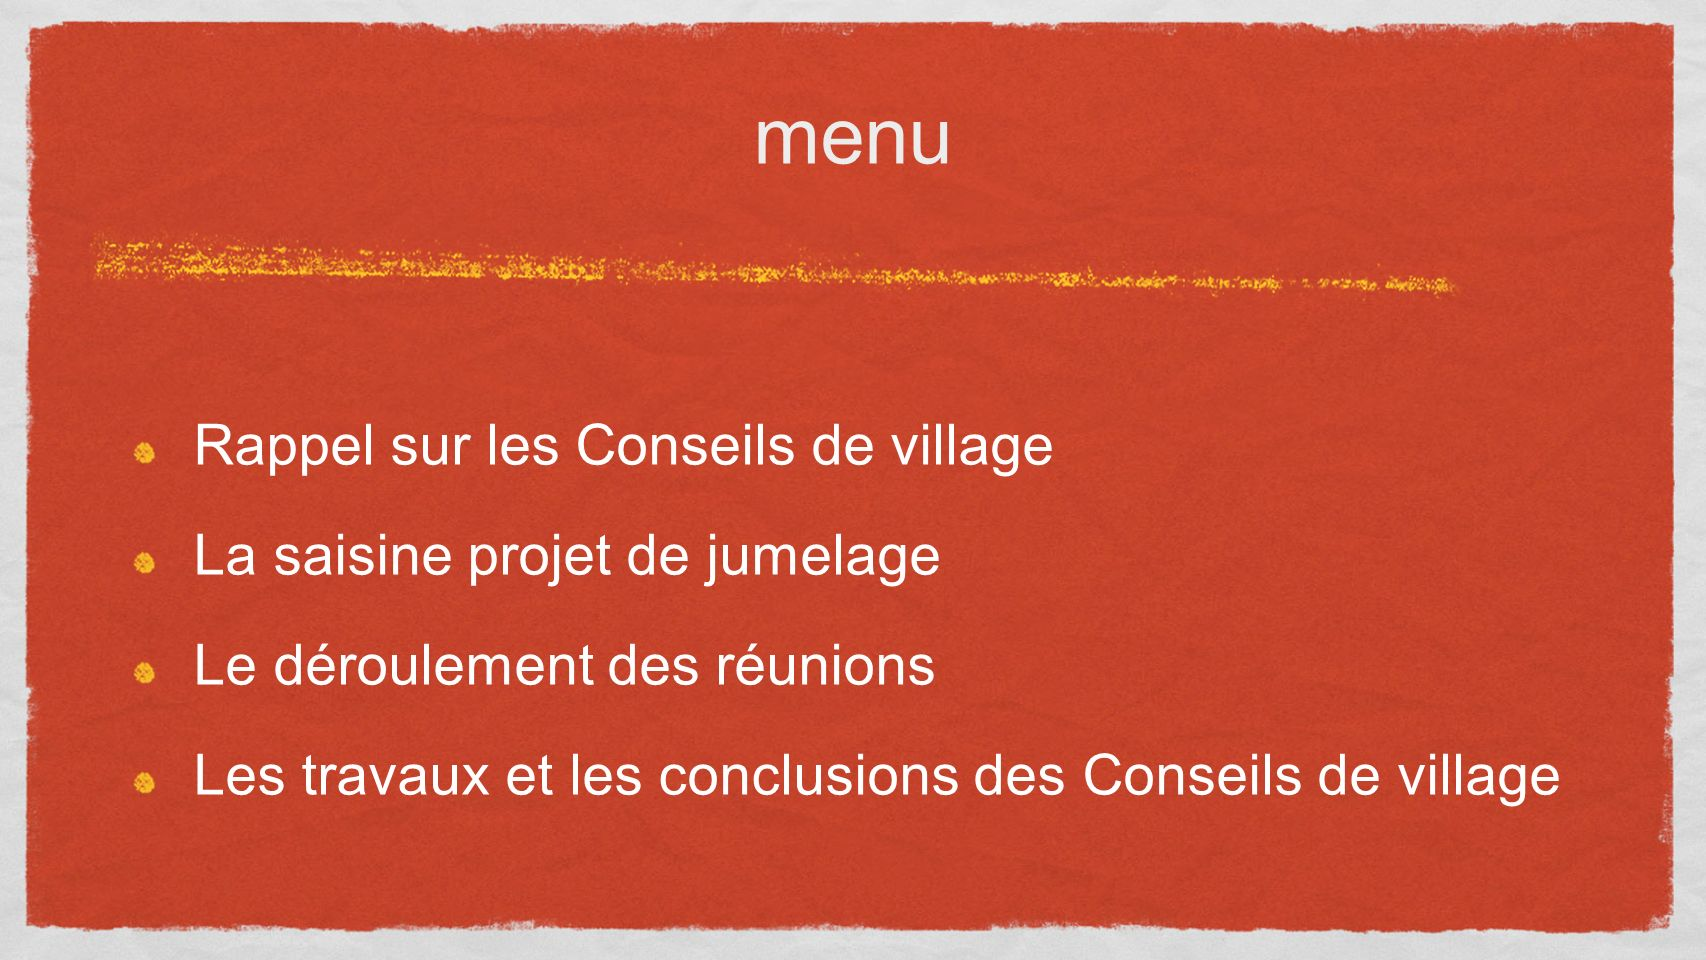 les conseils de village Quatre Conseils de village Pruniers Val de Maine Le Bourg La Pointe Campagne Les Hameaux Fonctionnement sous le mode de la démocratie participative